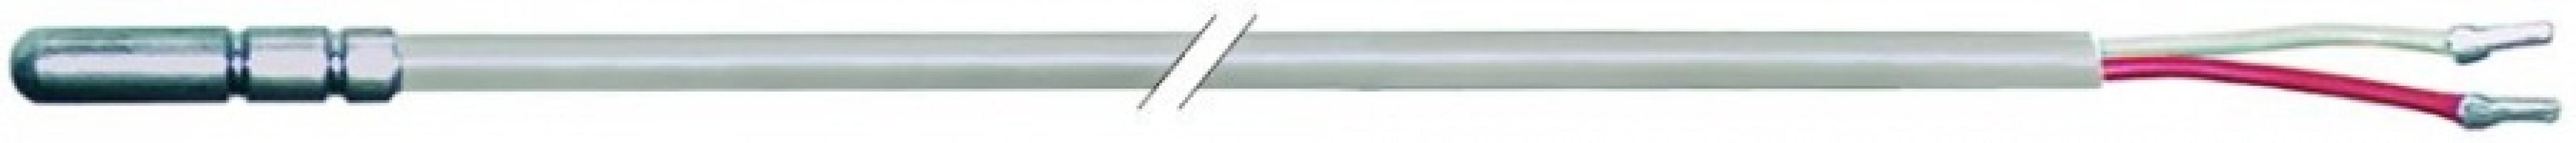 Sonda de temperatura PTC